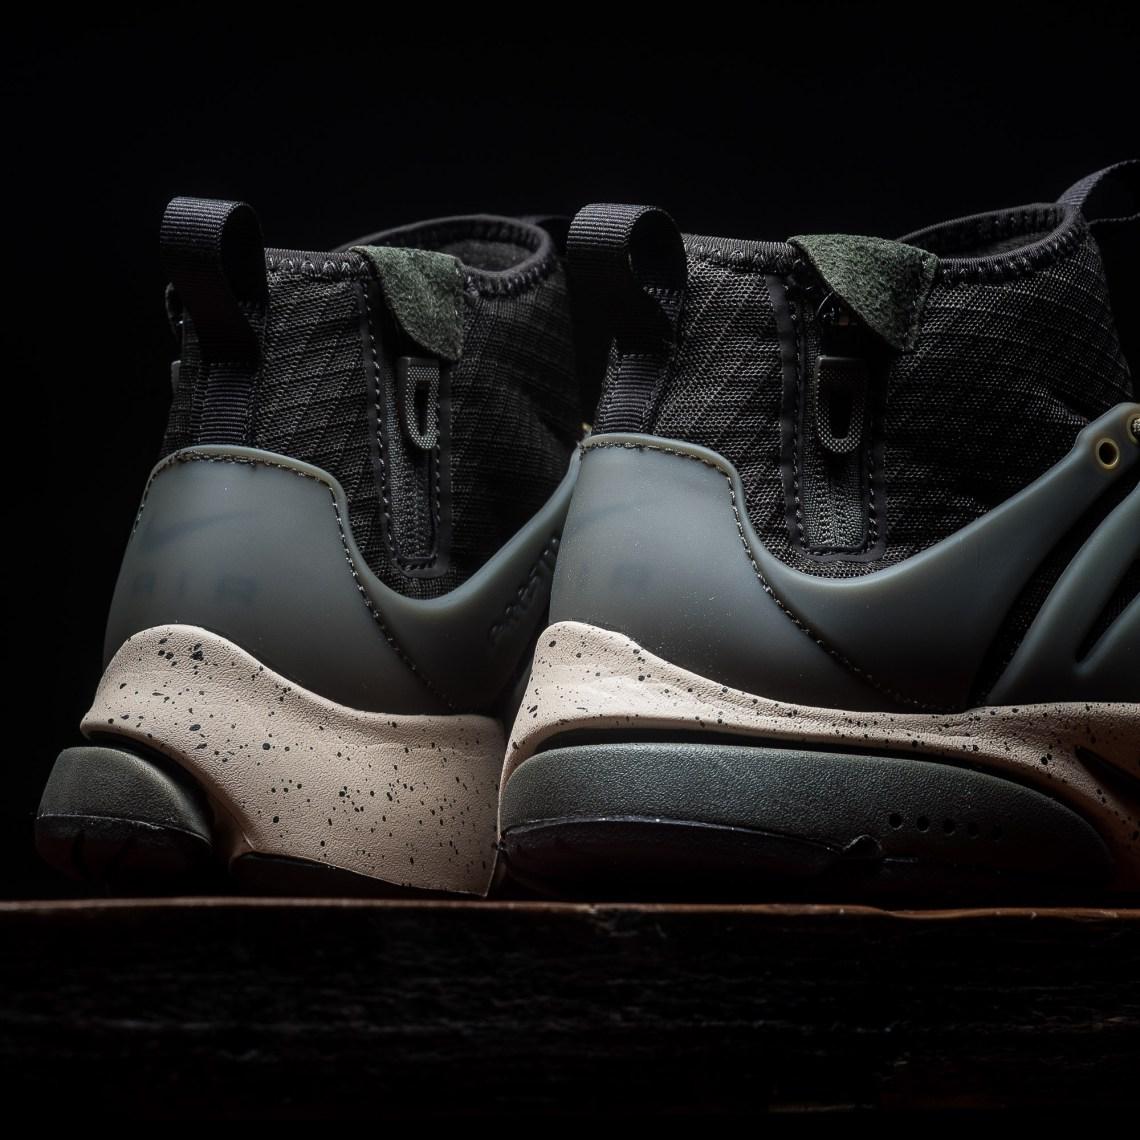 778a5b321056 Nike Air Presto Mid Utility Velvet Brown Cargo Khaki    Available Now